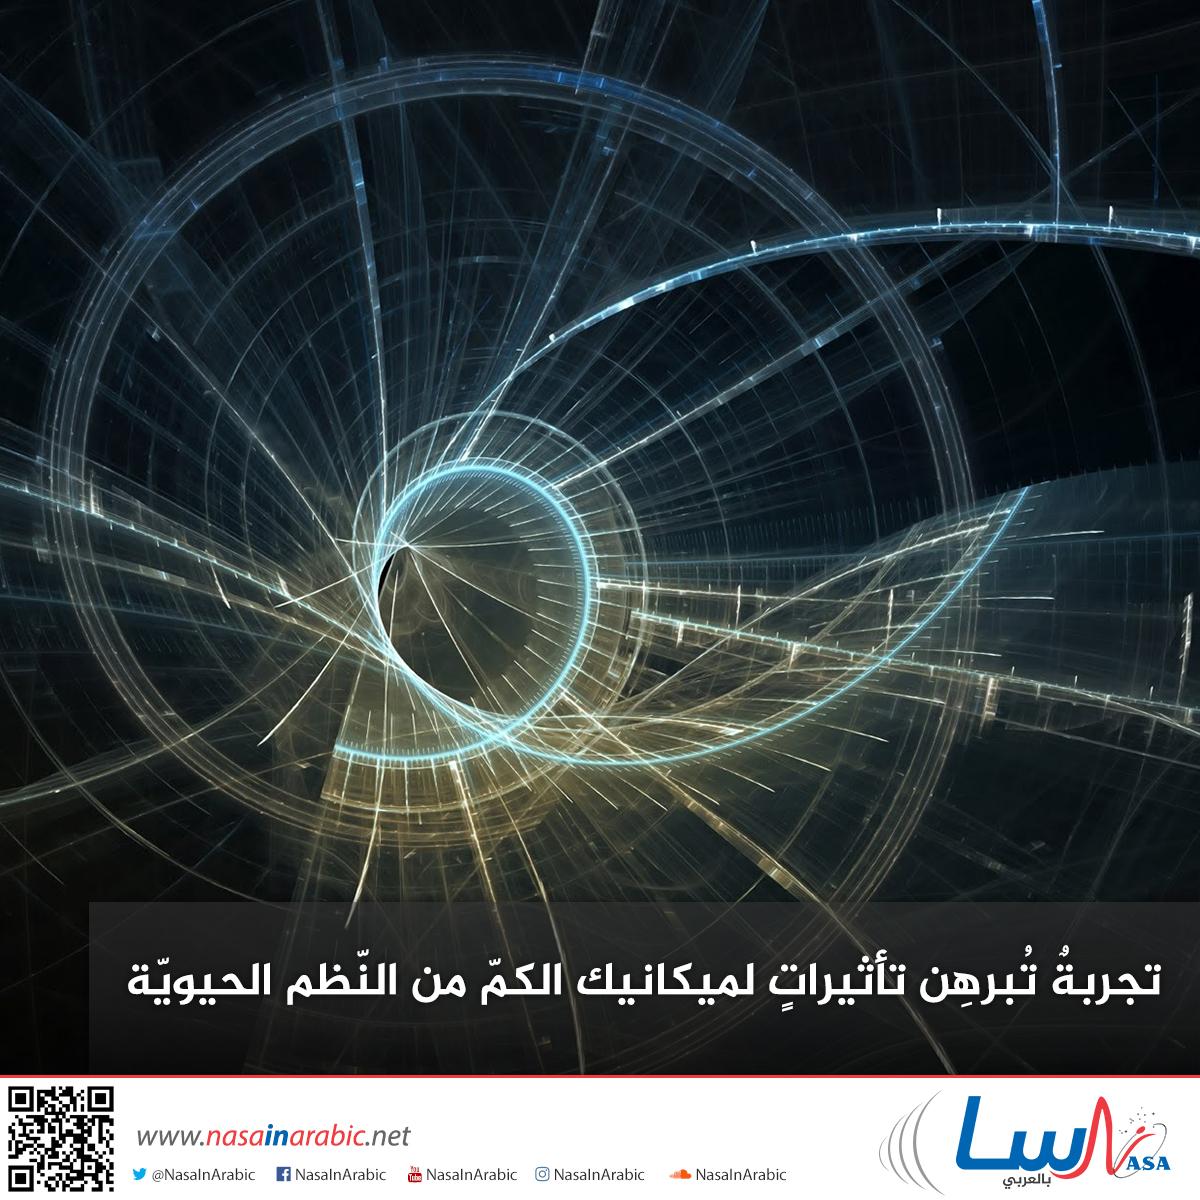 تجربة تبرهن تأثيرات لميكانيك الكم من النظم الحيوية